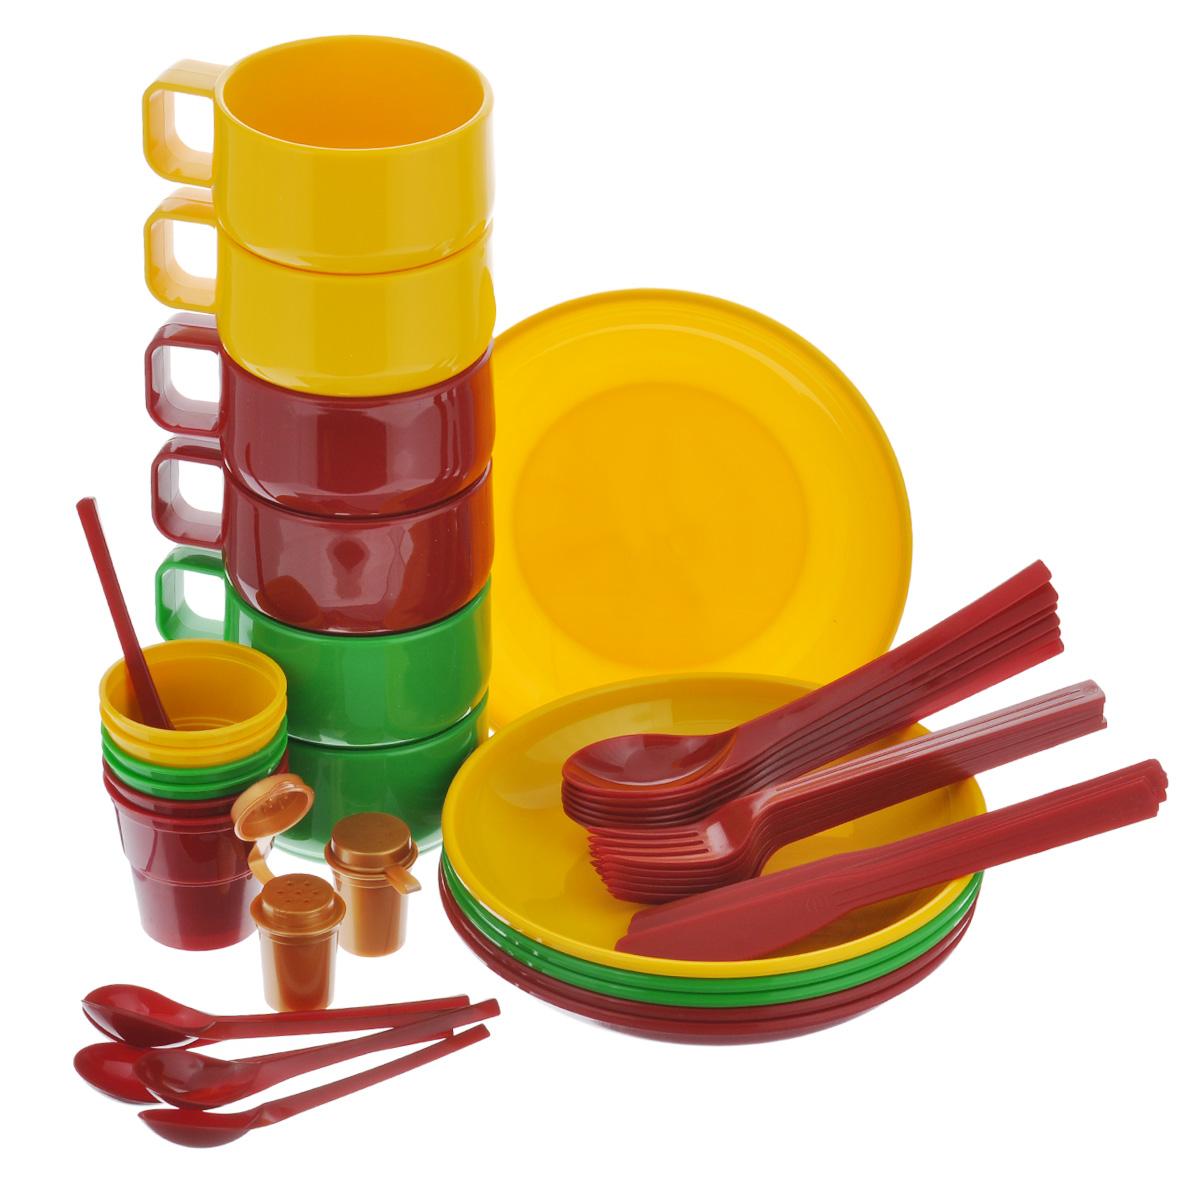 Набор посуды Solaris, на 6 персонS1601Компактный минималистичный набор посуды Solaris на 6 персон, в удобной виниловой сумке с ручкой и молнией. Свойства посуды: Посуда из ударопрочного пищевого полипропилена предназначена для многократного использования. Легкая, прочная и износостойкая, экологически чистая, эта посуда работает в диапазоне температур от -25°С до +110°С. Можно мыть в посудомоечной машине. Эта посуда также обеспечивает: Хранение горячих и холодных пищевых продуктов; Разогрев продуктов в микроволновой печи; Приготовление пищи в микроволновой печи на пару (пароварка); Хранение продуктов в холодильной и морозильной камере; Кипячение воды с помощью электрокипятильника. Комплектация набора на 6 персон: 6 тарелок; 6 чашек объемом 0,28 л; 6 стаканов с мерными делениями объемом 0,1 л; 6 вилок; 6 столовых ложек; 6 ножей; 6 чайных ложек; 2 солонки. Диаметр тарелок: 19 см. Высота тарелок: 3 см. Высота...